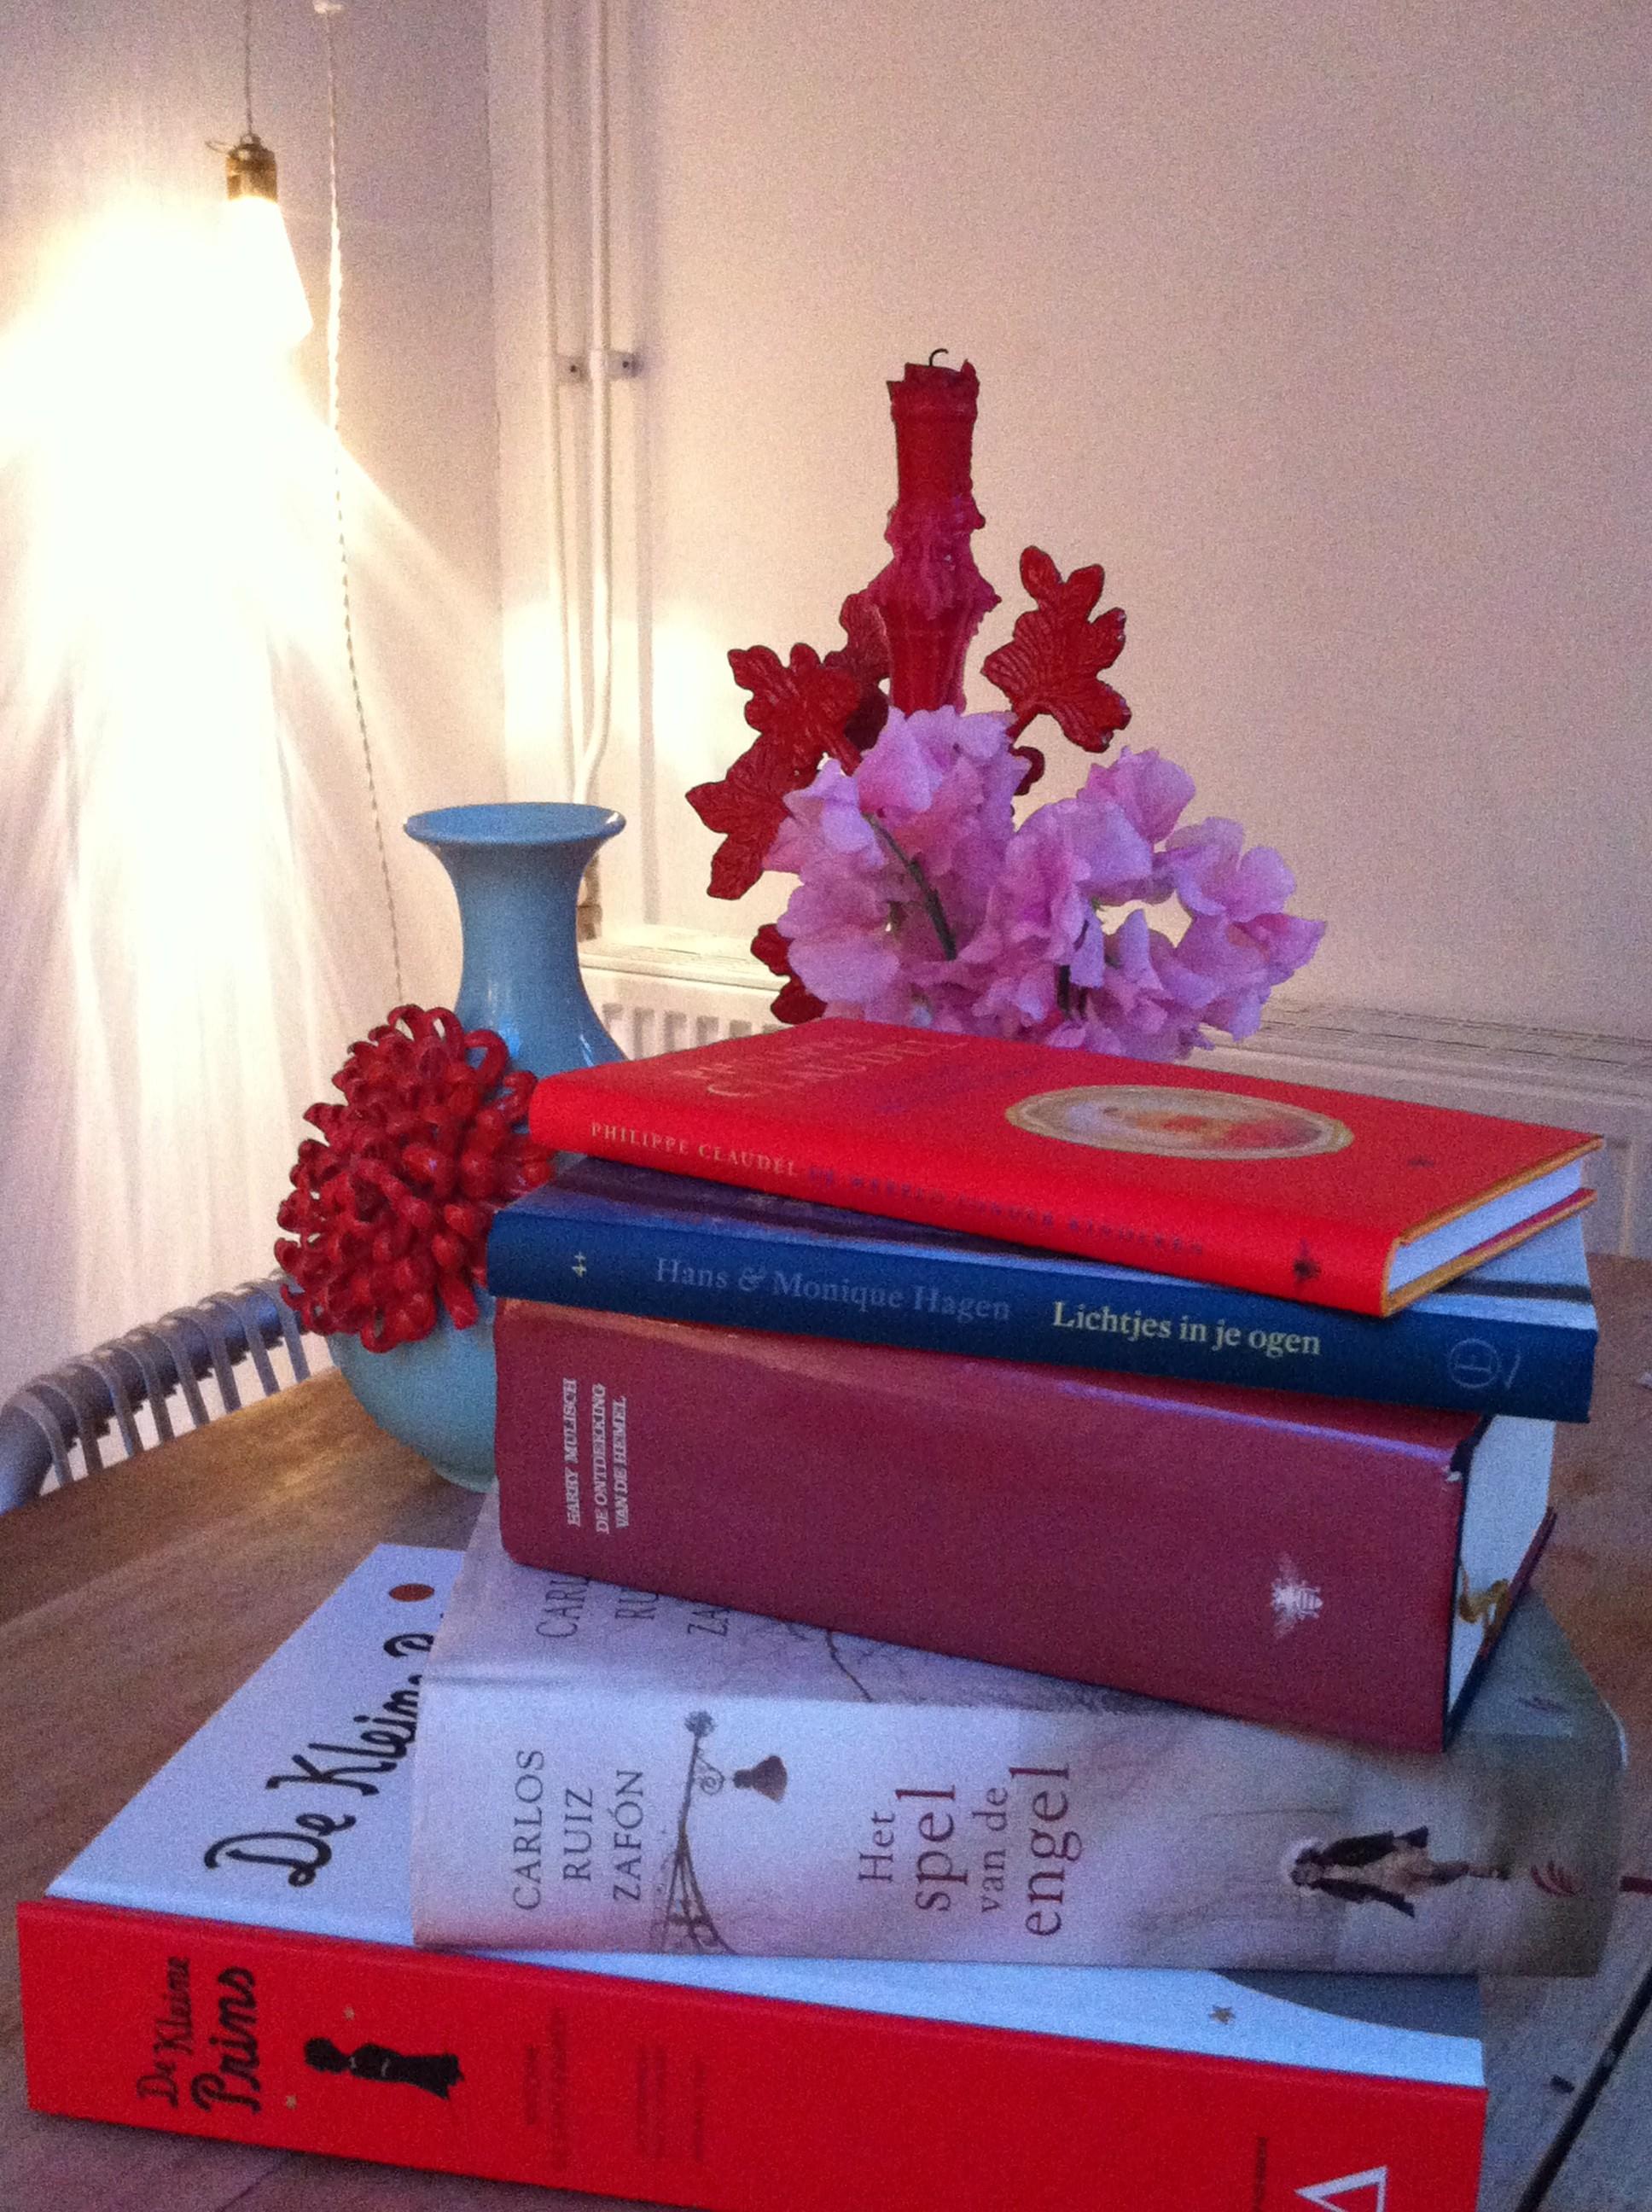 Favoriete vijf boeken